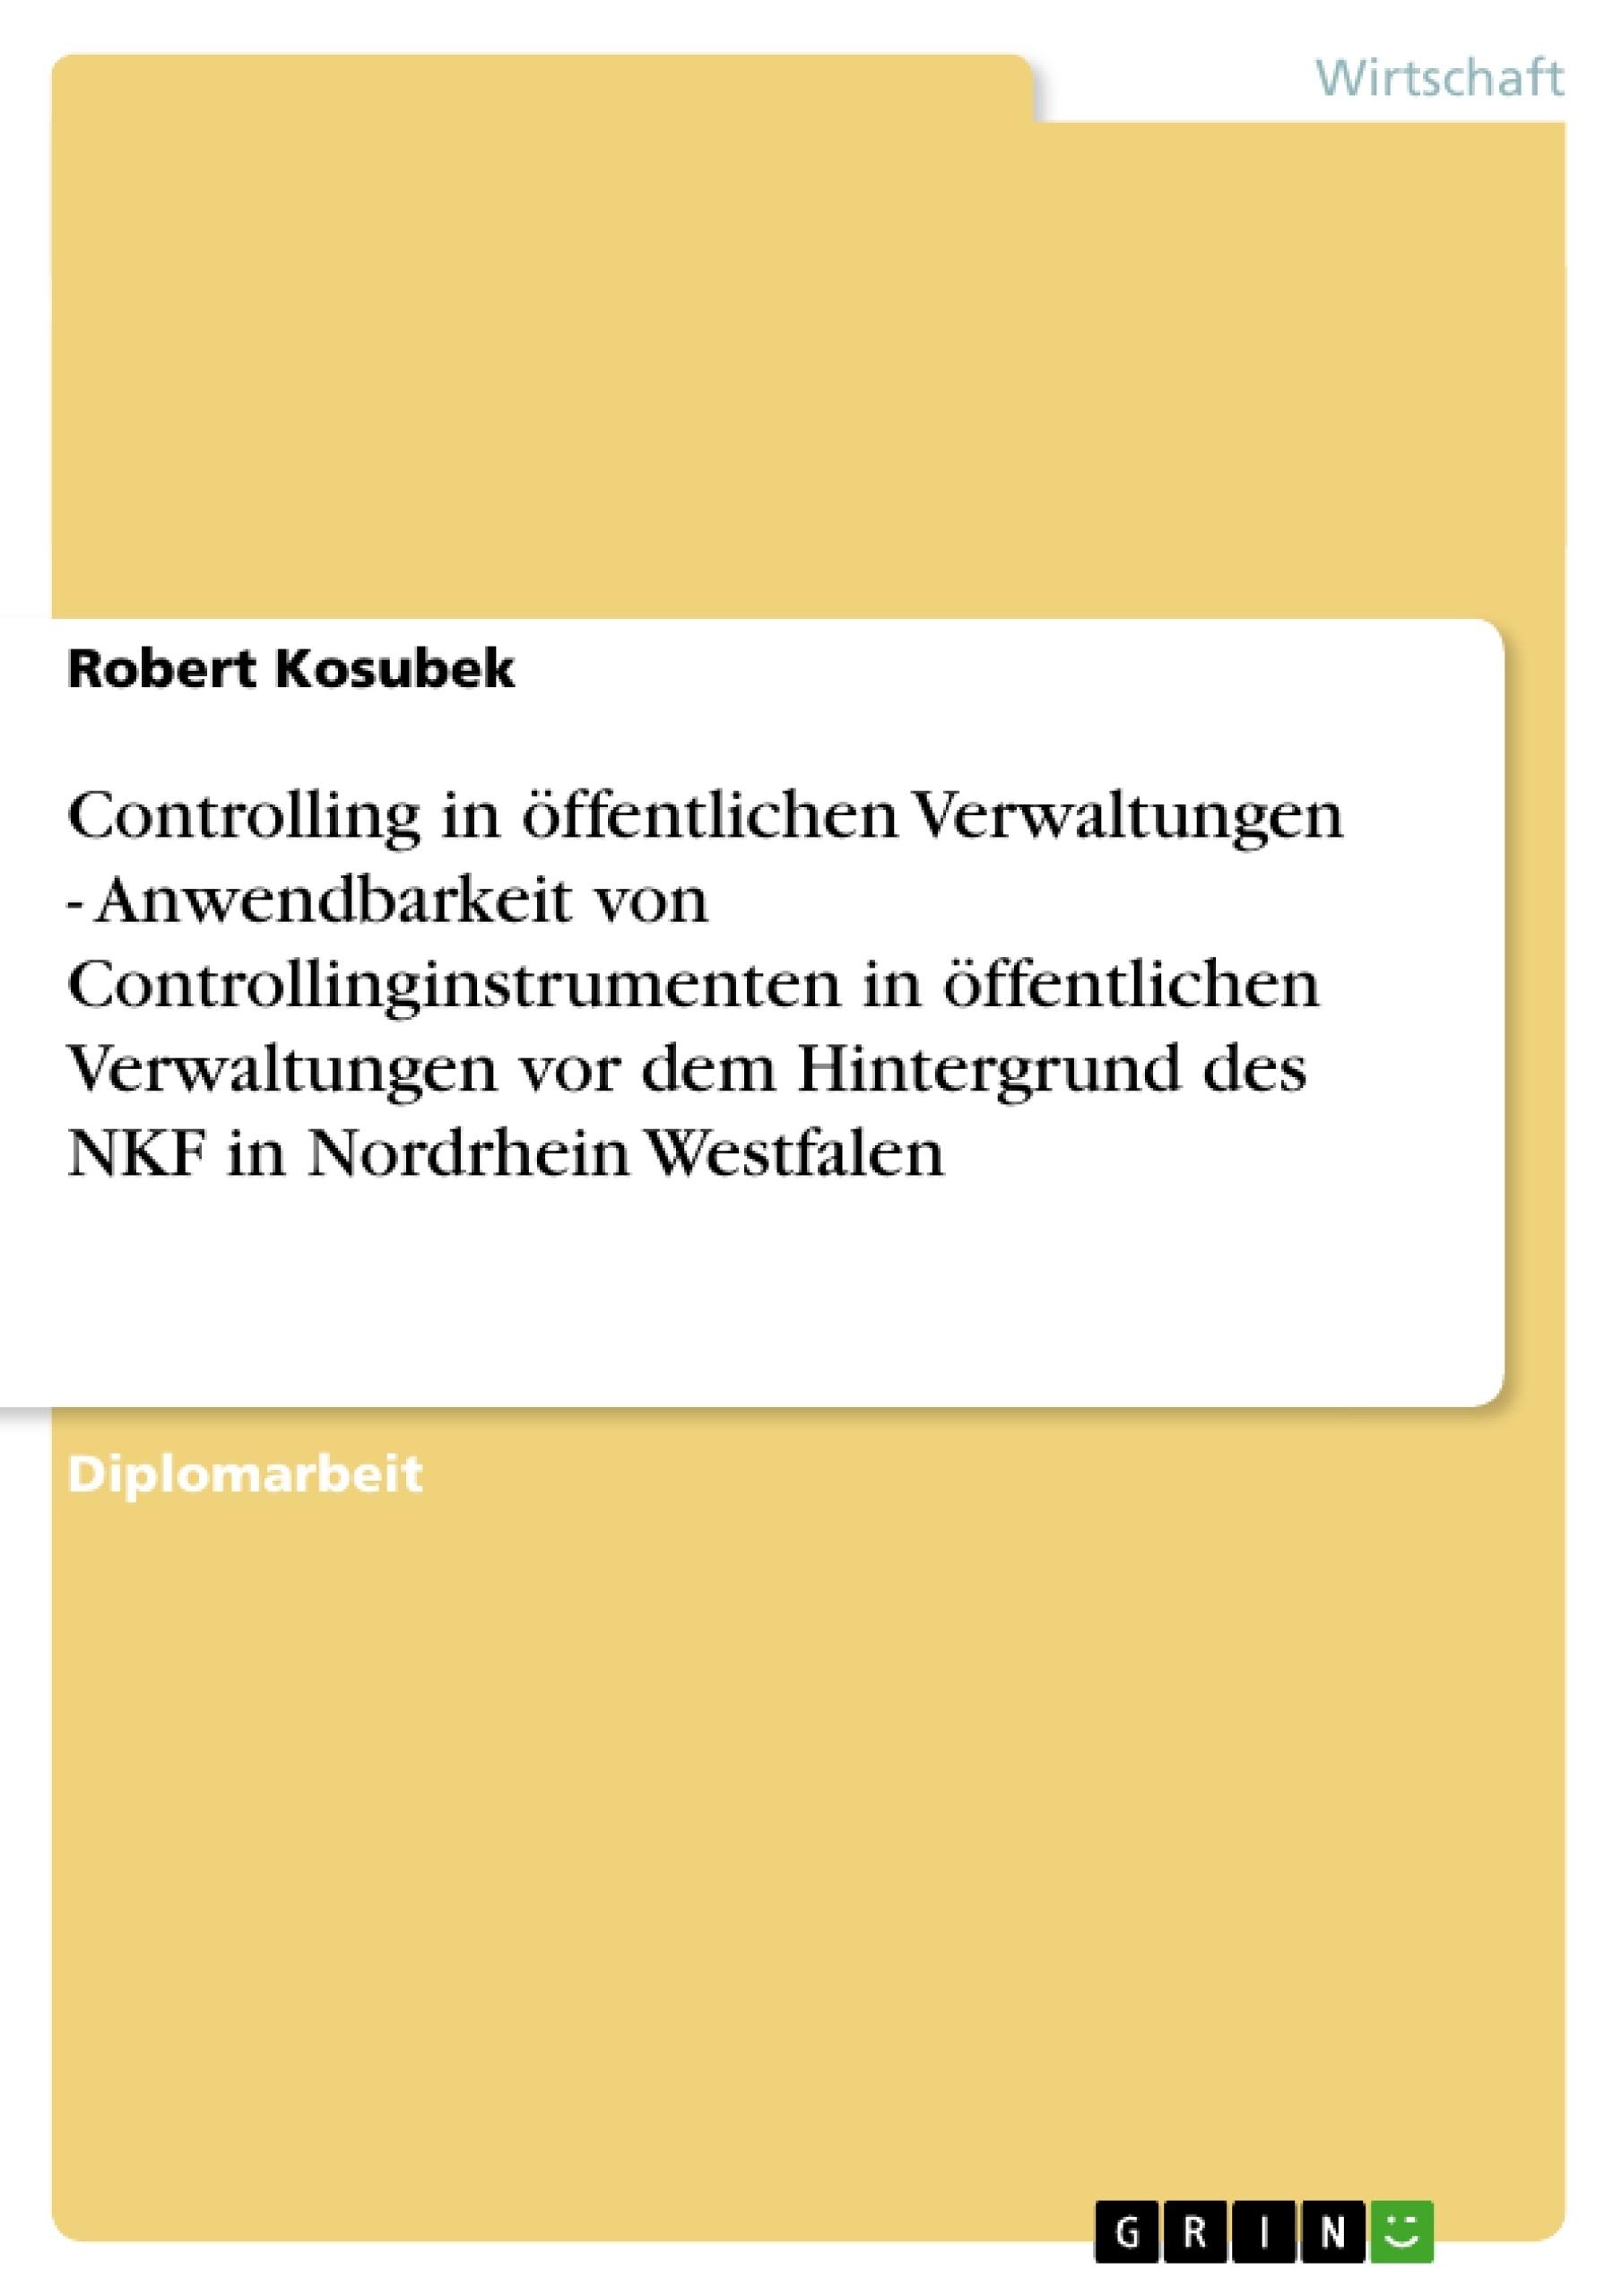 Titel: Controlling in öffentlichen Verwaltungen - Anwendbarkeit von Controllinginstrumenten in öffentlichen Verwaltungen vor dem Hintergrund des NKF in Nordrhein Westfalen